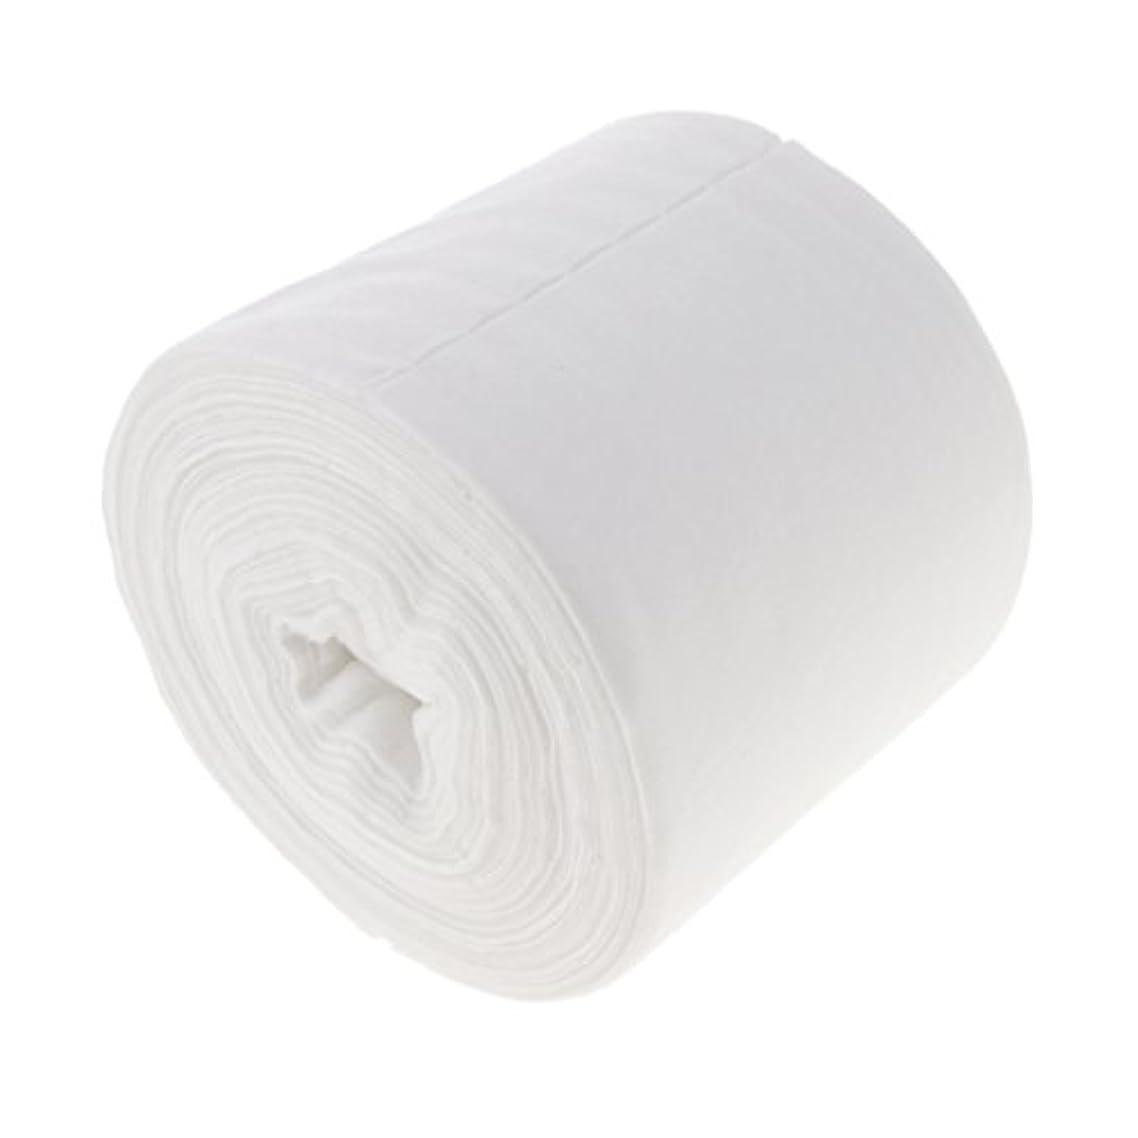 平均プレビュー受け取るPerfk 洗顔 クリーニング タオル 使い捨て 顔用タオル 柔らかい